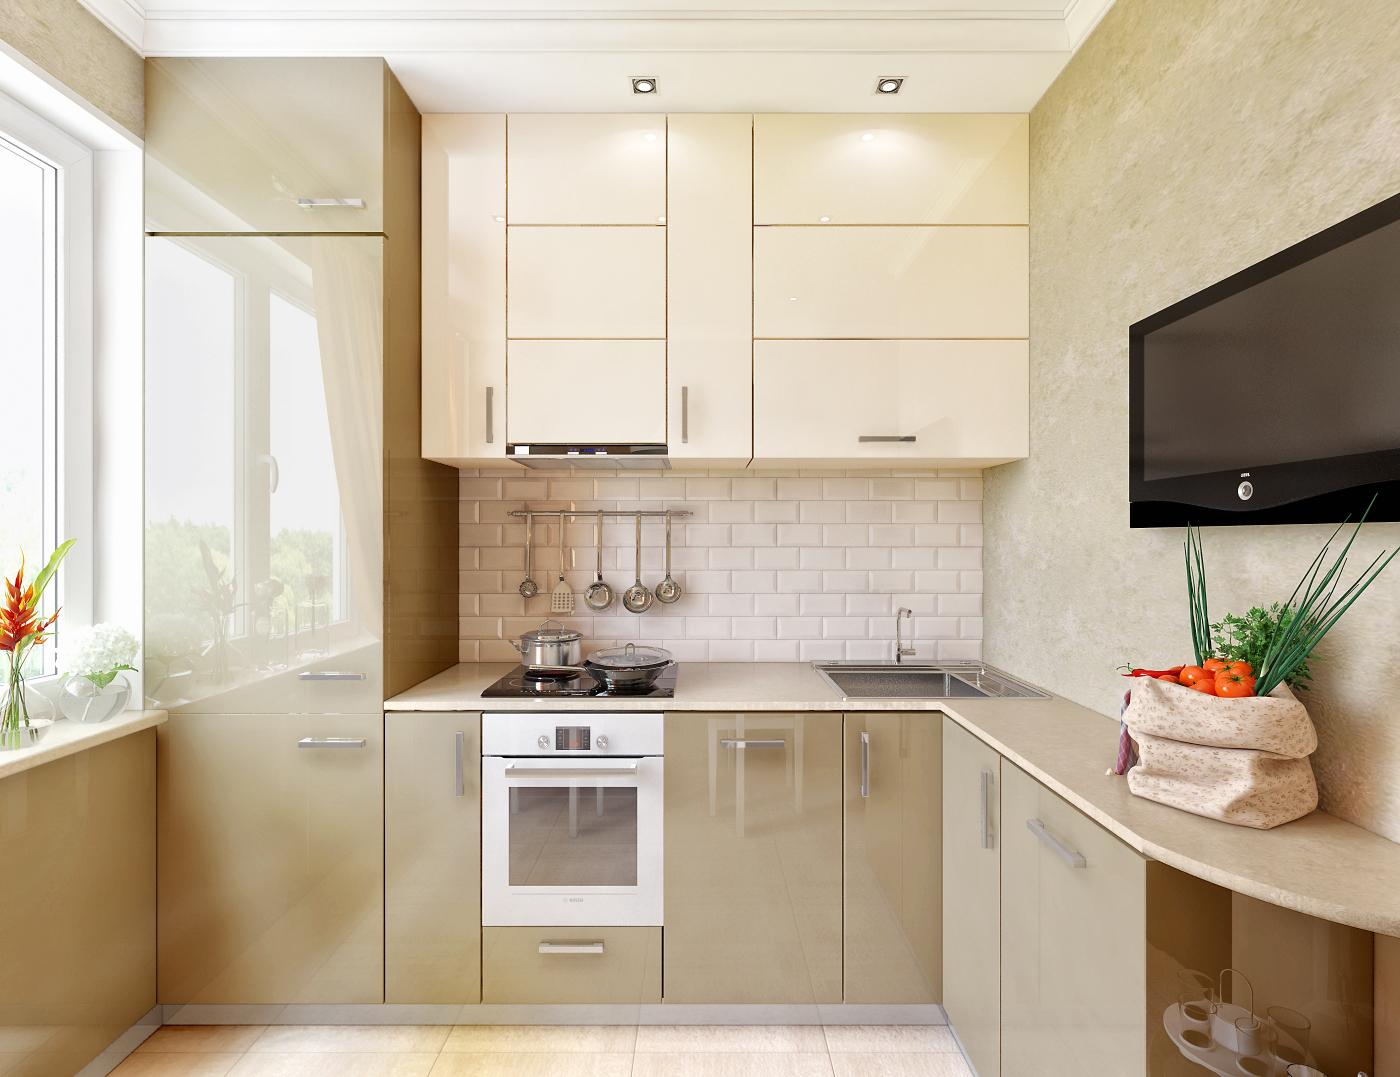 Дизайн угловой кухни фото 9 квм с холодильником фото